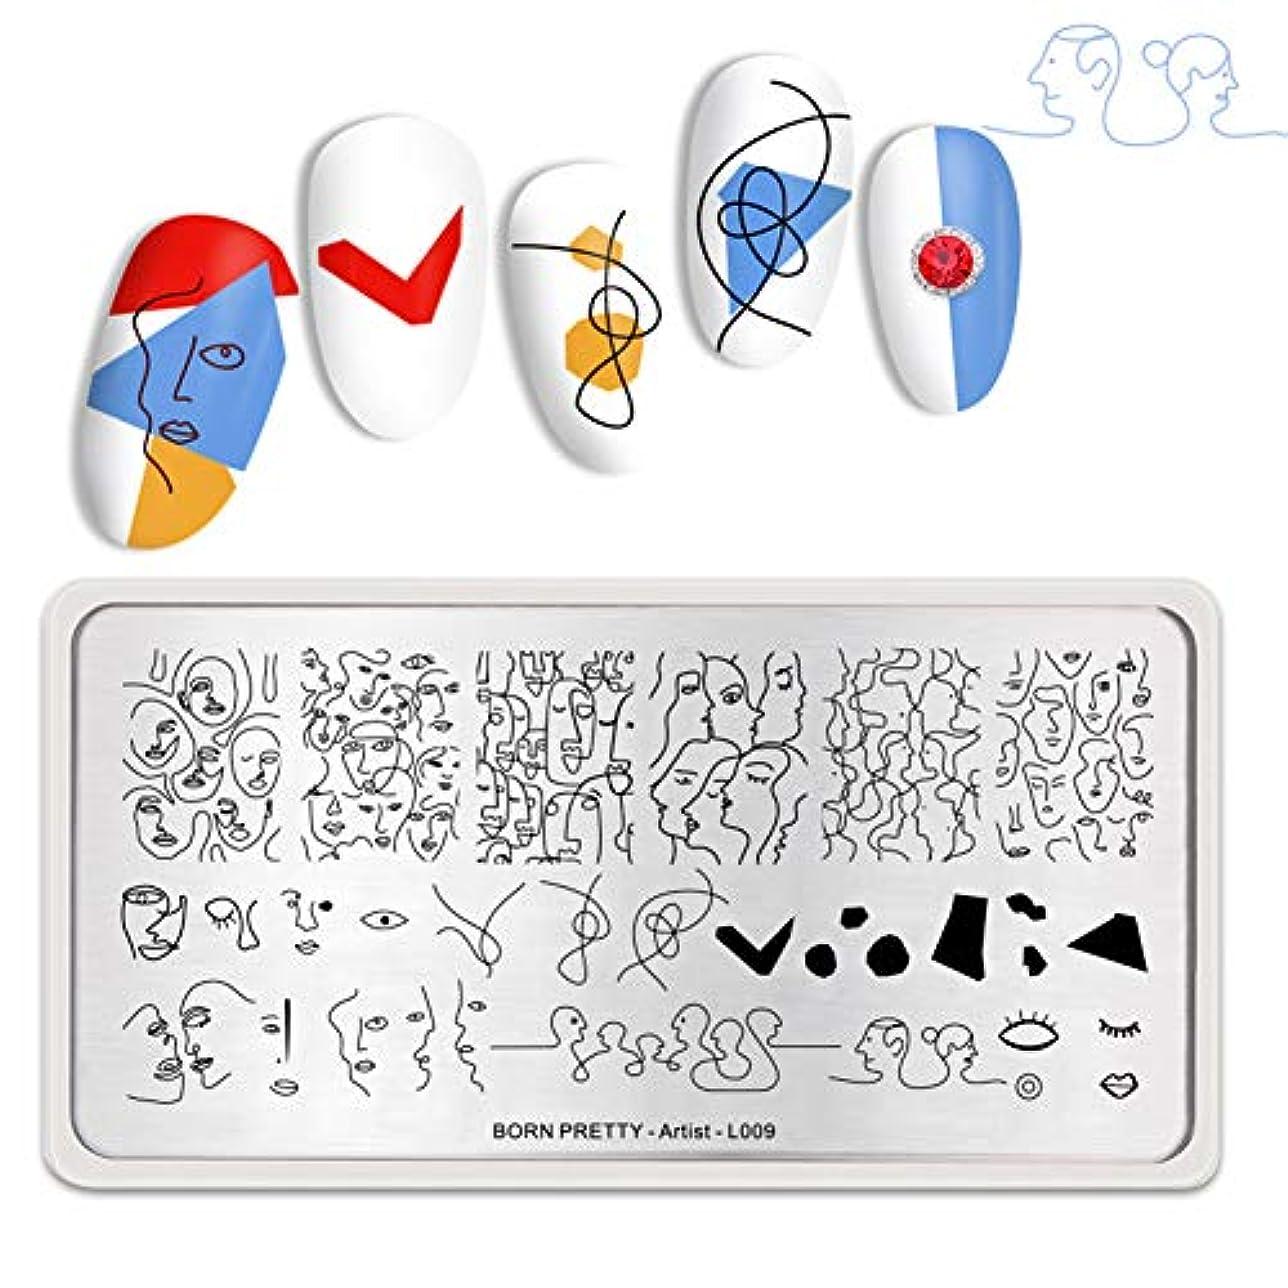 接ぎ木メイト精算BORN PRETTY ネイルプレート 1枚 アーティストシリーズ スタンプネイル スタンププレート 長方形ネイルアートスタンピングプレートツール Artist -L009 12*6cm [並行輸入品]